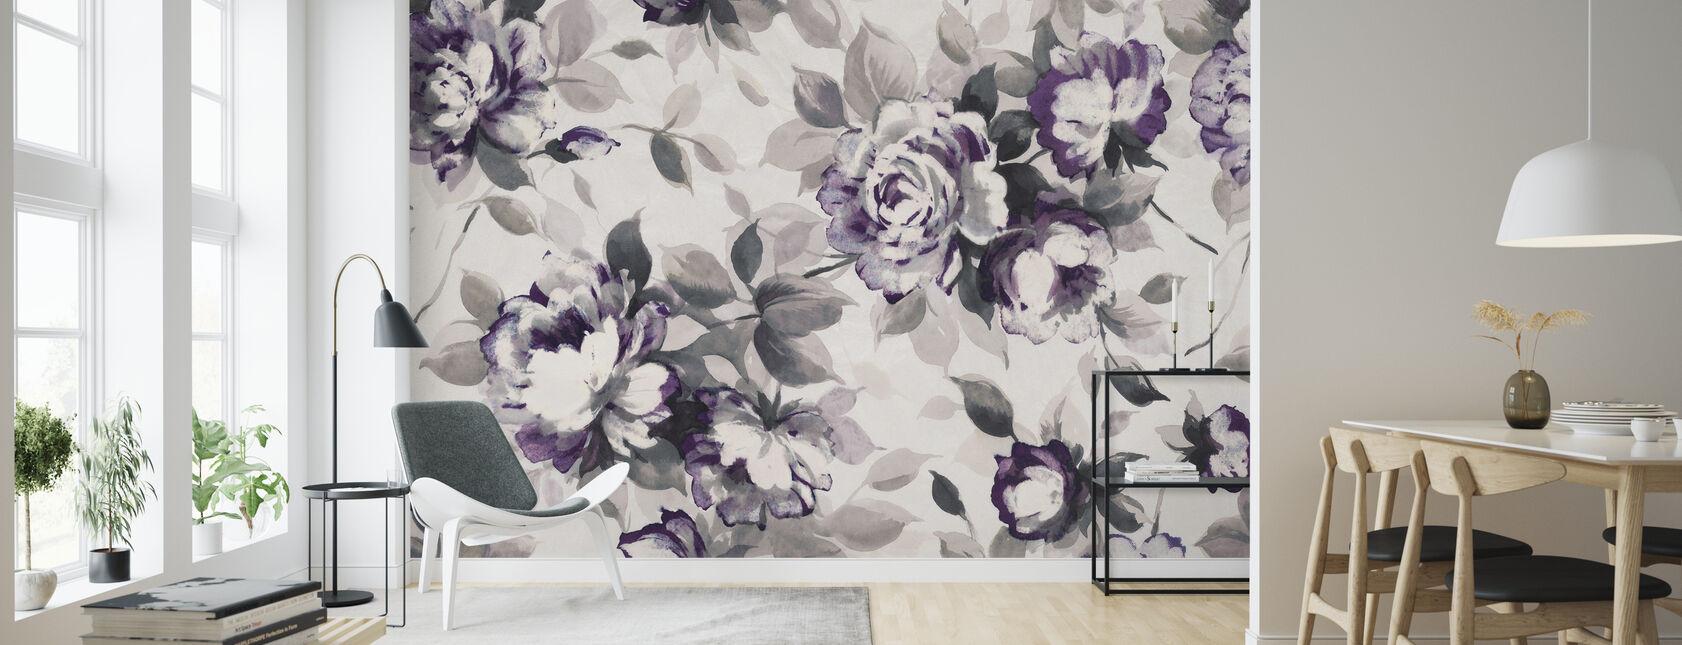 Doft av rosor plommon - Tapet - Vardagsrum